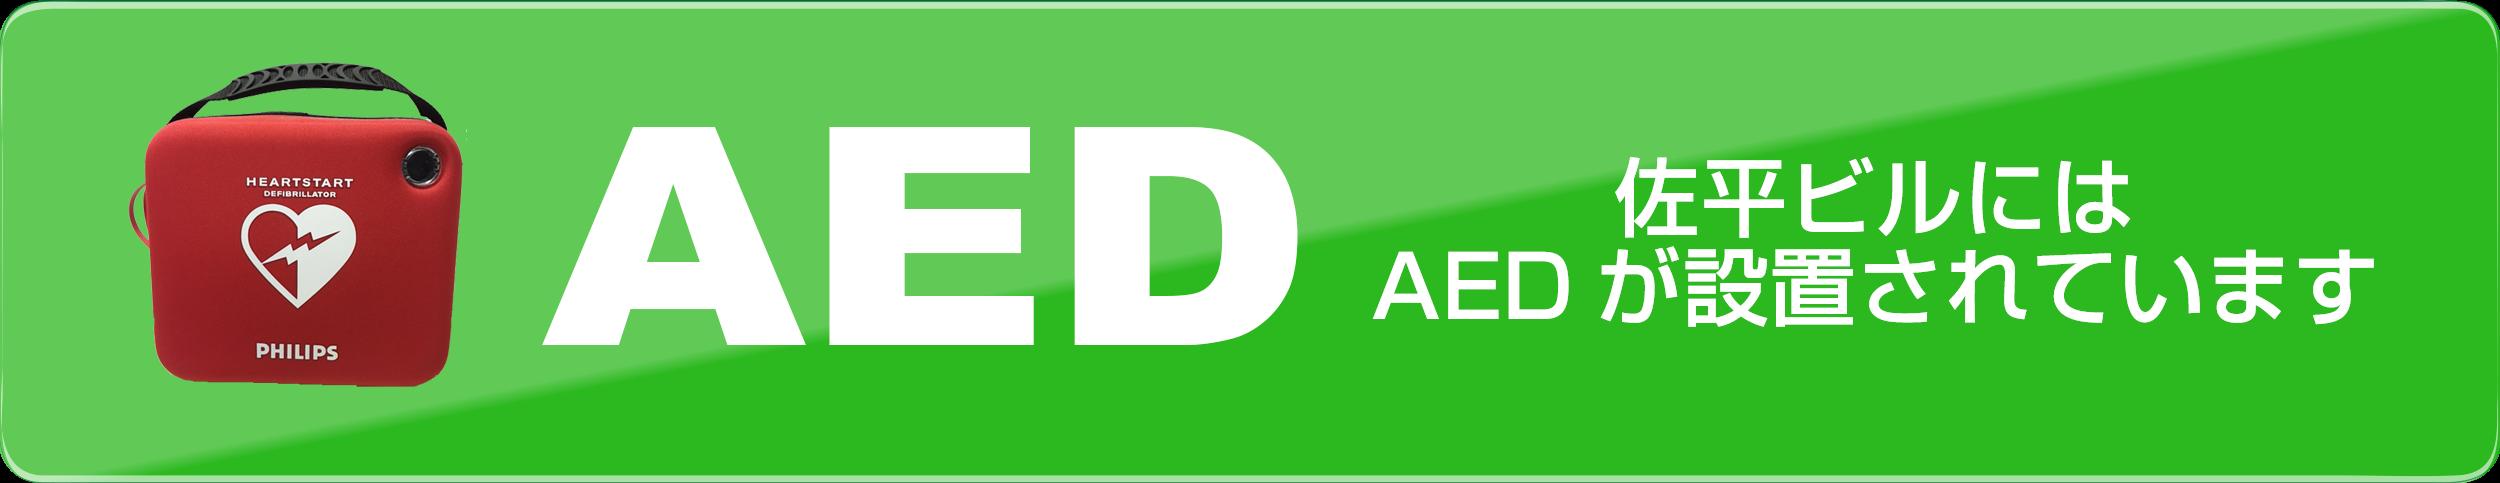 自動体外式除細動器(じどうたいがいしきじょさいどうき、Automated External Defibrillator, AED 佐平ビルにはAEDが設置されています